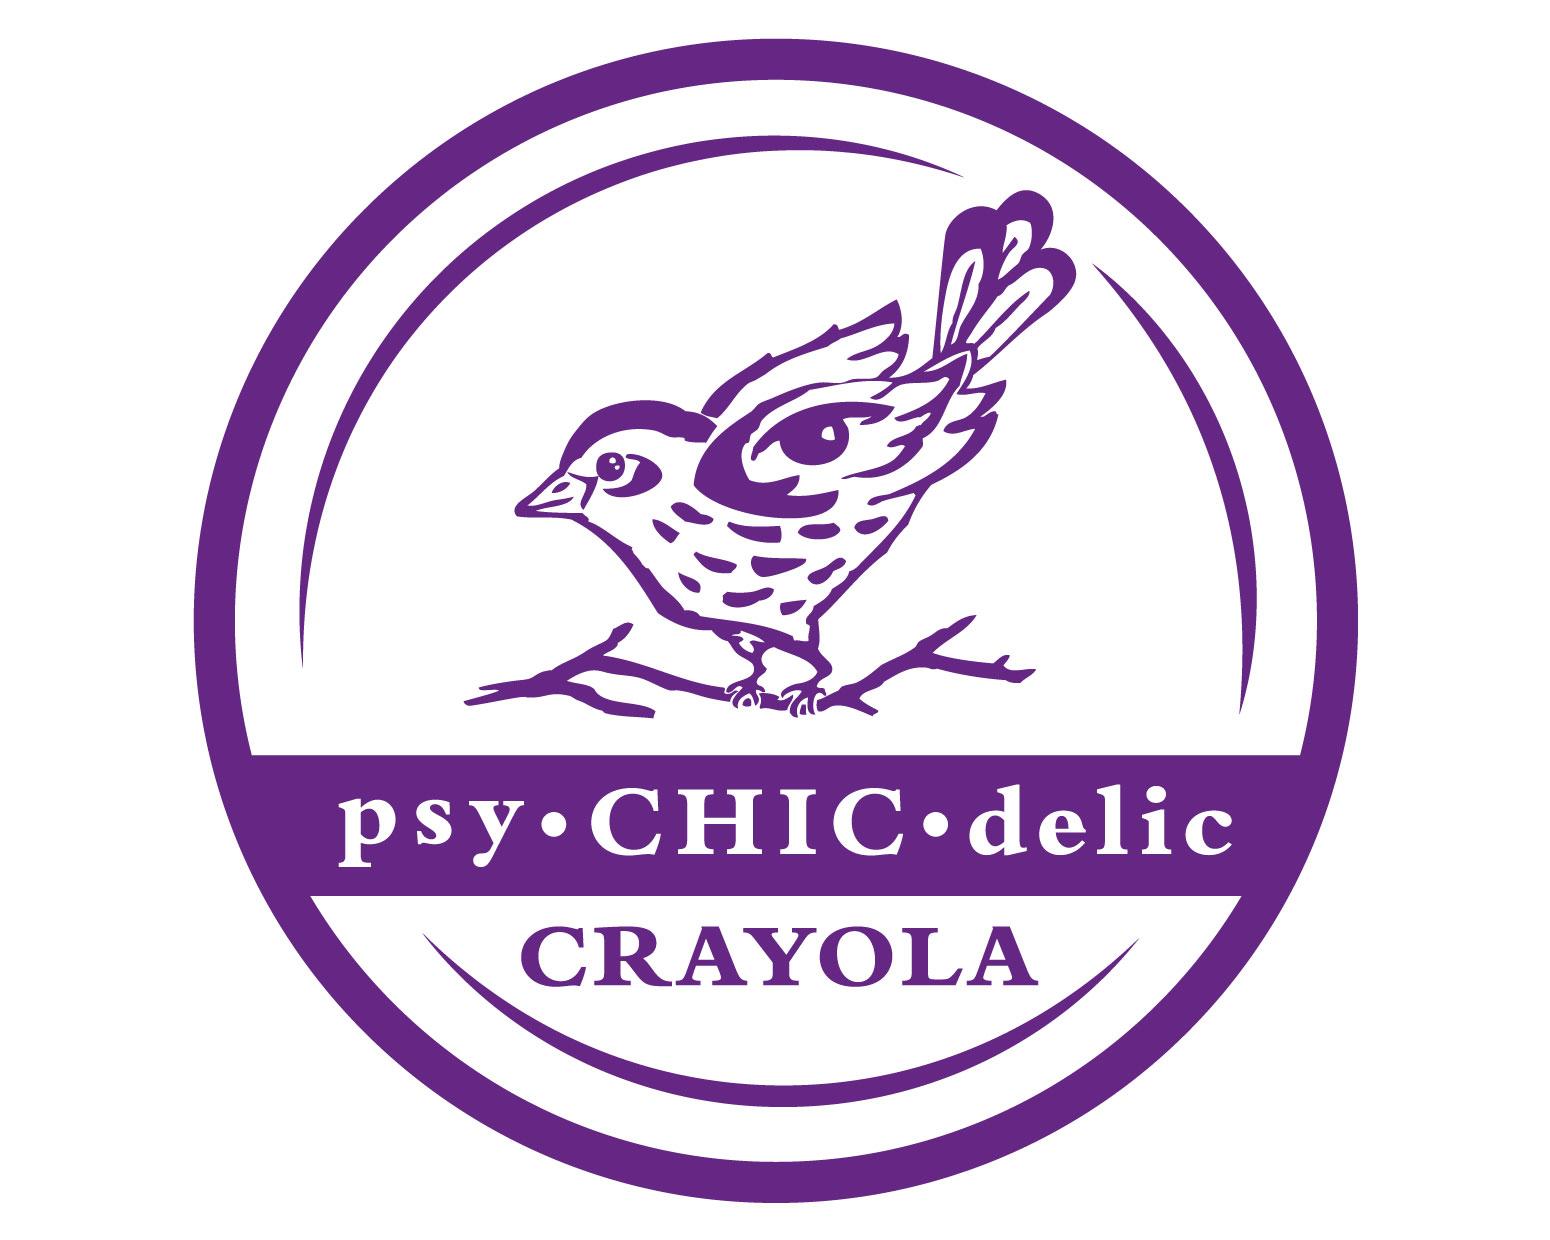 Psy-CHIC-delic Crayola